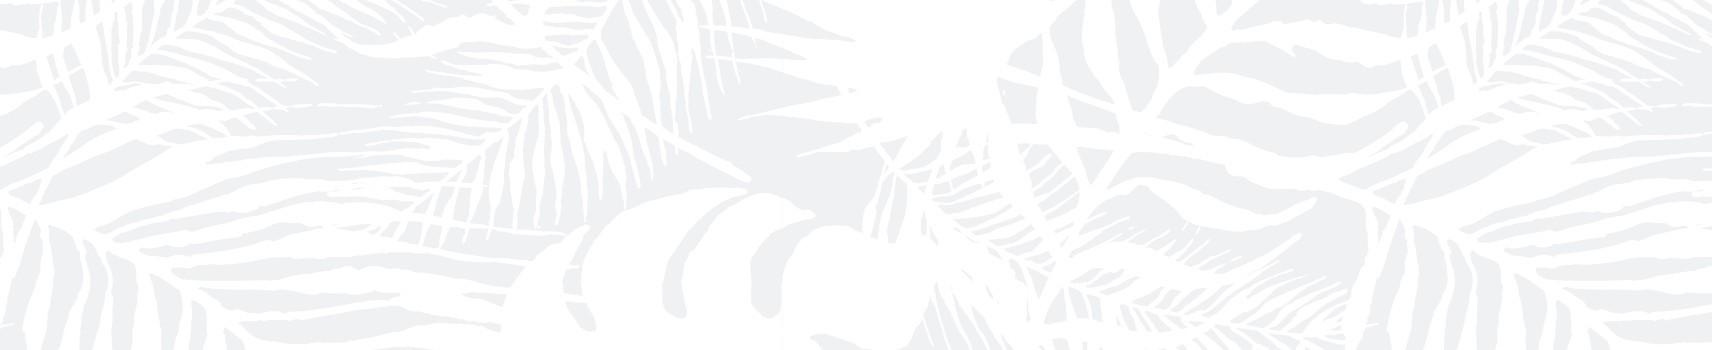 Link Promo | Linkarredo